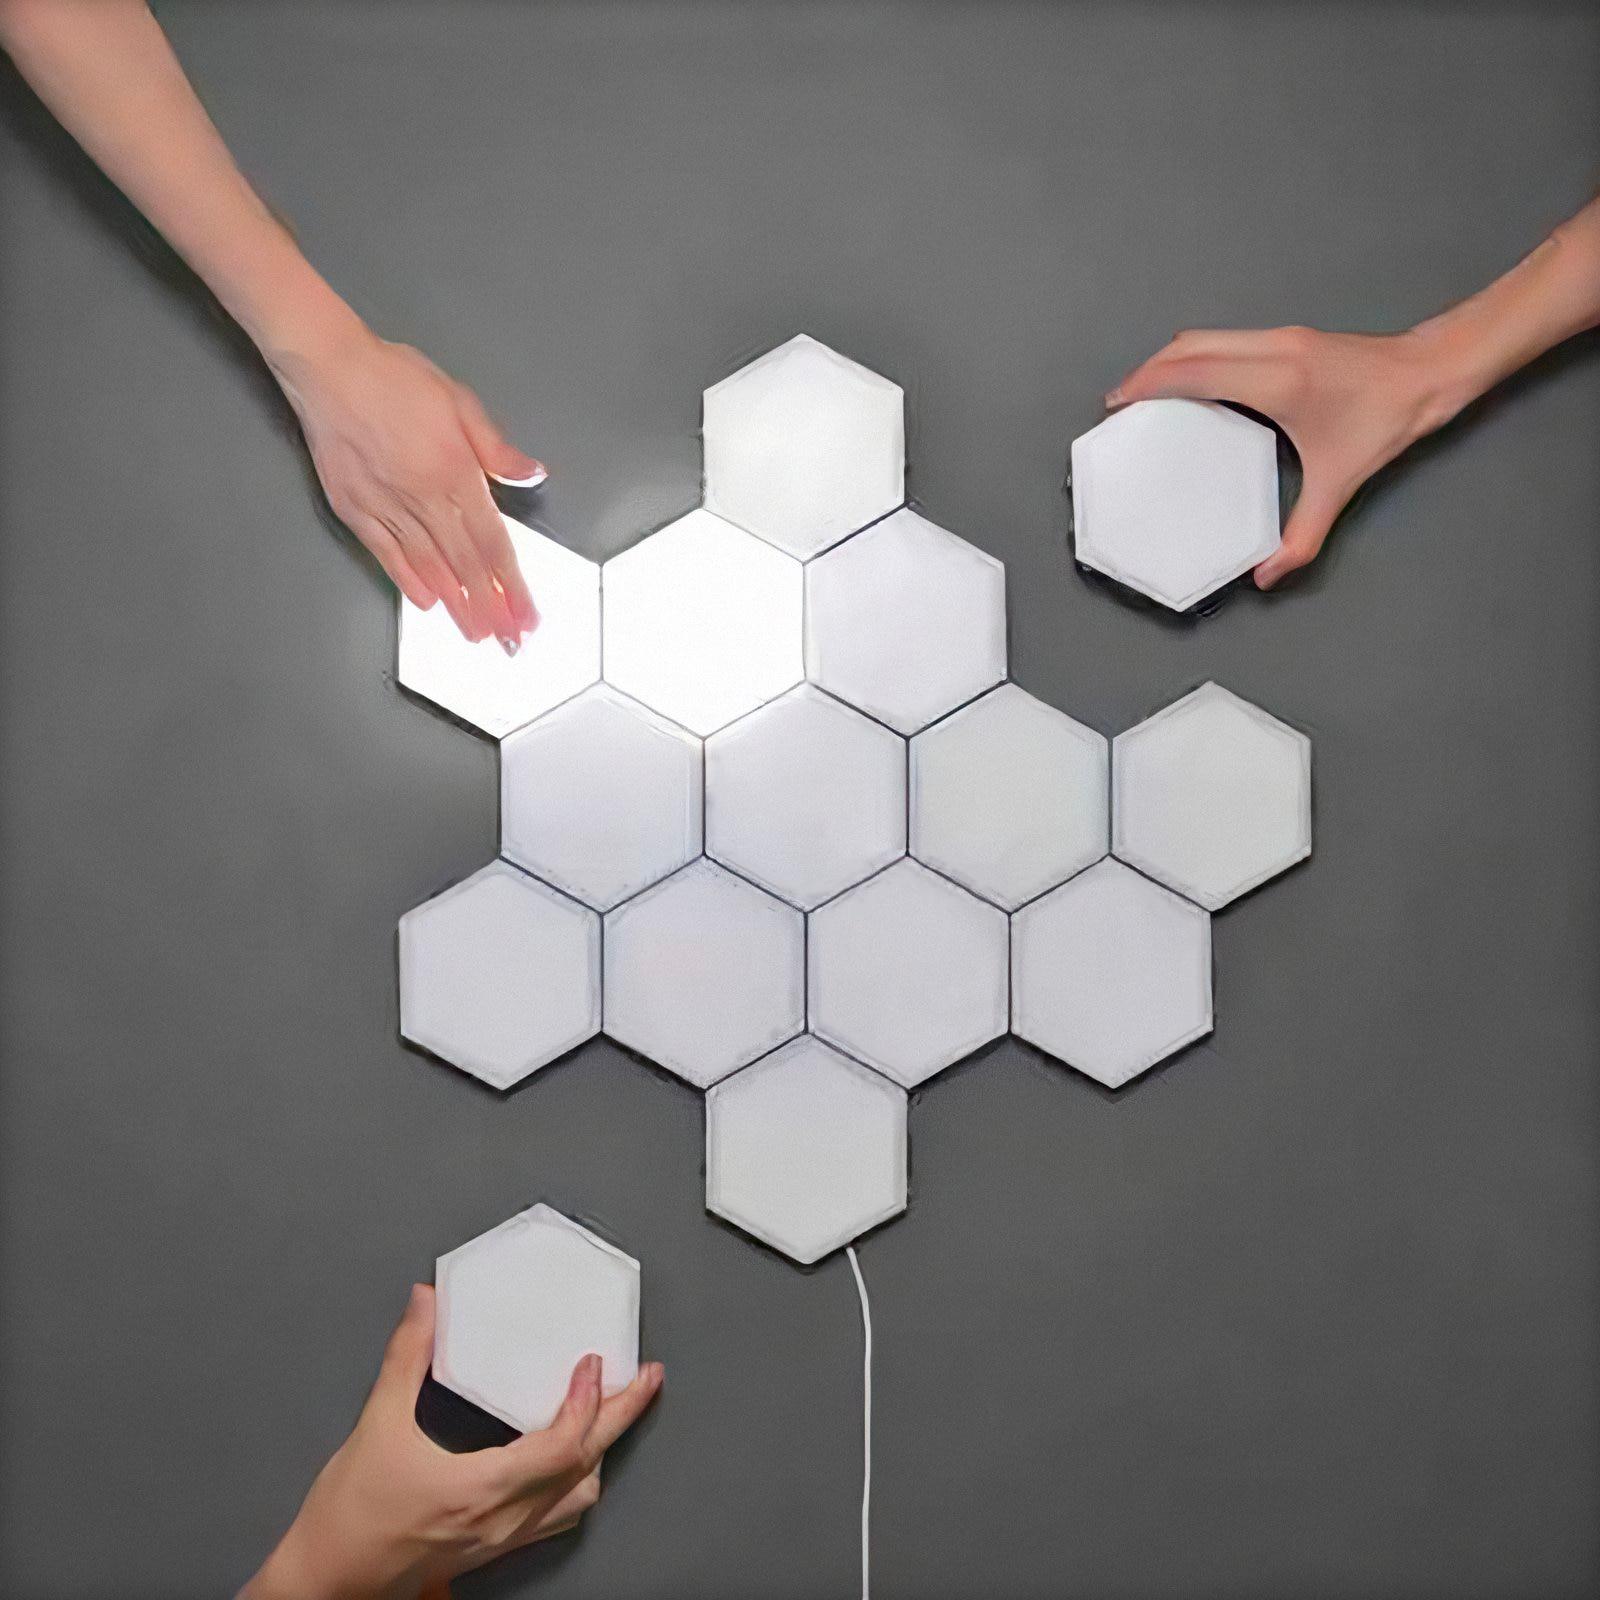 lampara-de-induccion-de-luz-nocturna-para-decoracion-de-dormitorio-luz-de-ambiente-usb-led-hexagonal-de-pared-costura-se-puede-combinar